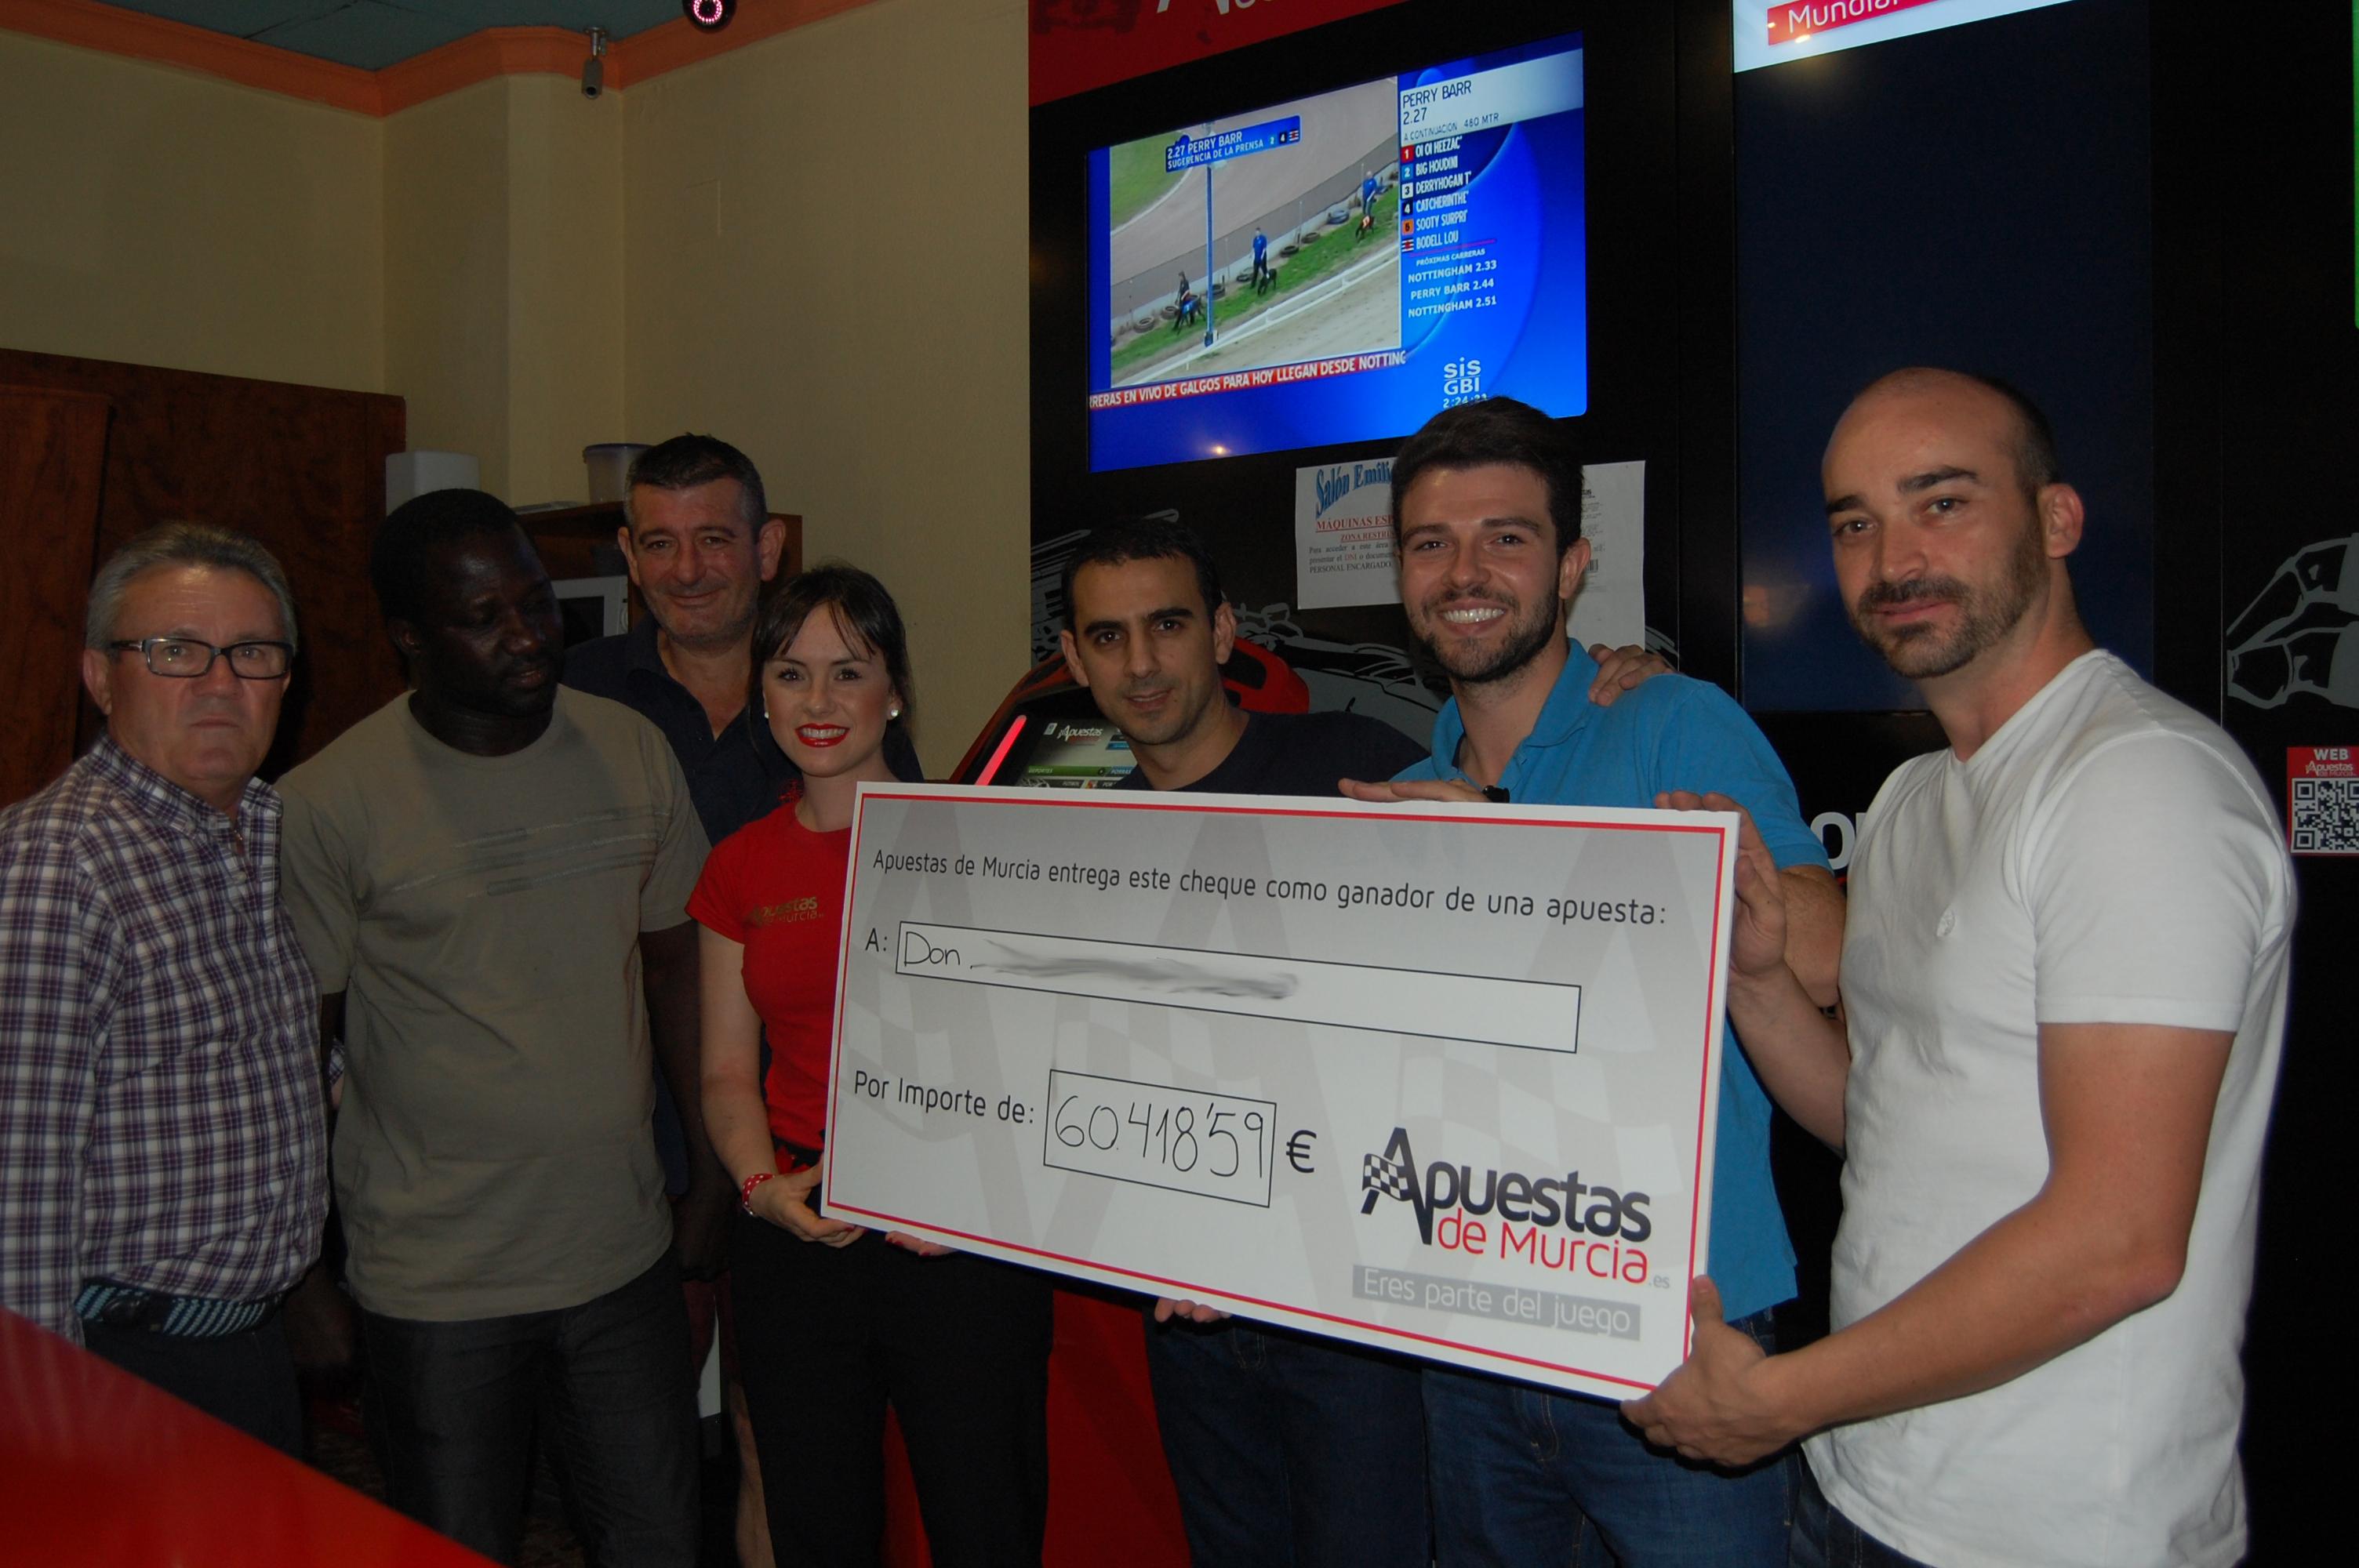 El equipo de Apuestas de Murcia entregando el premio con Martín propietario del local.